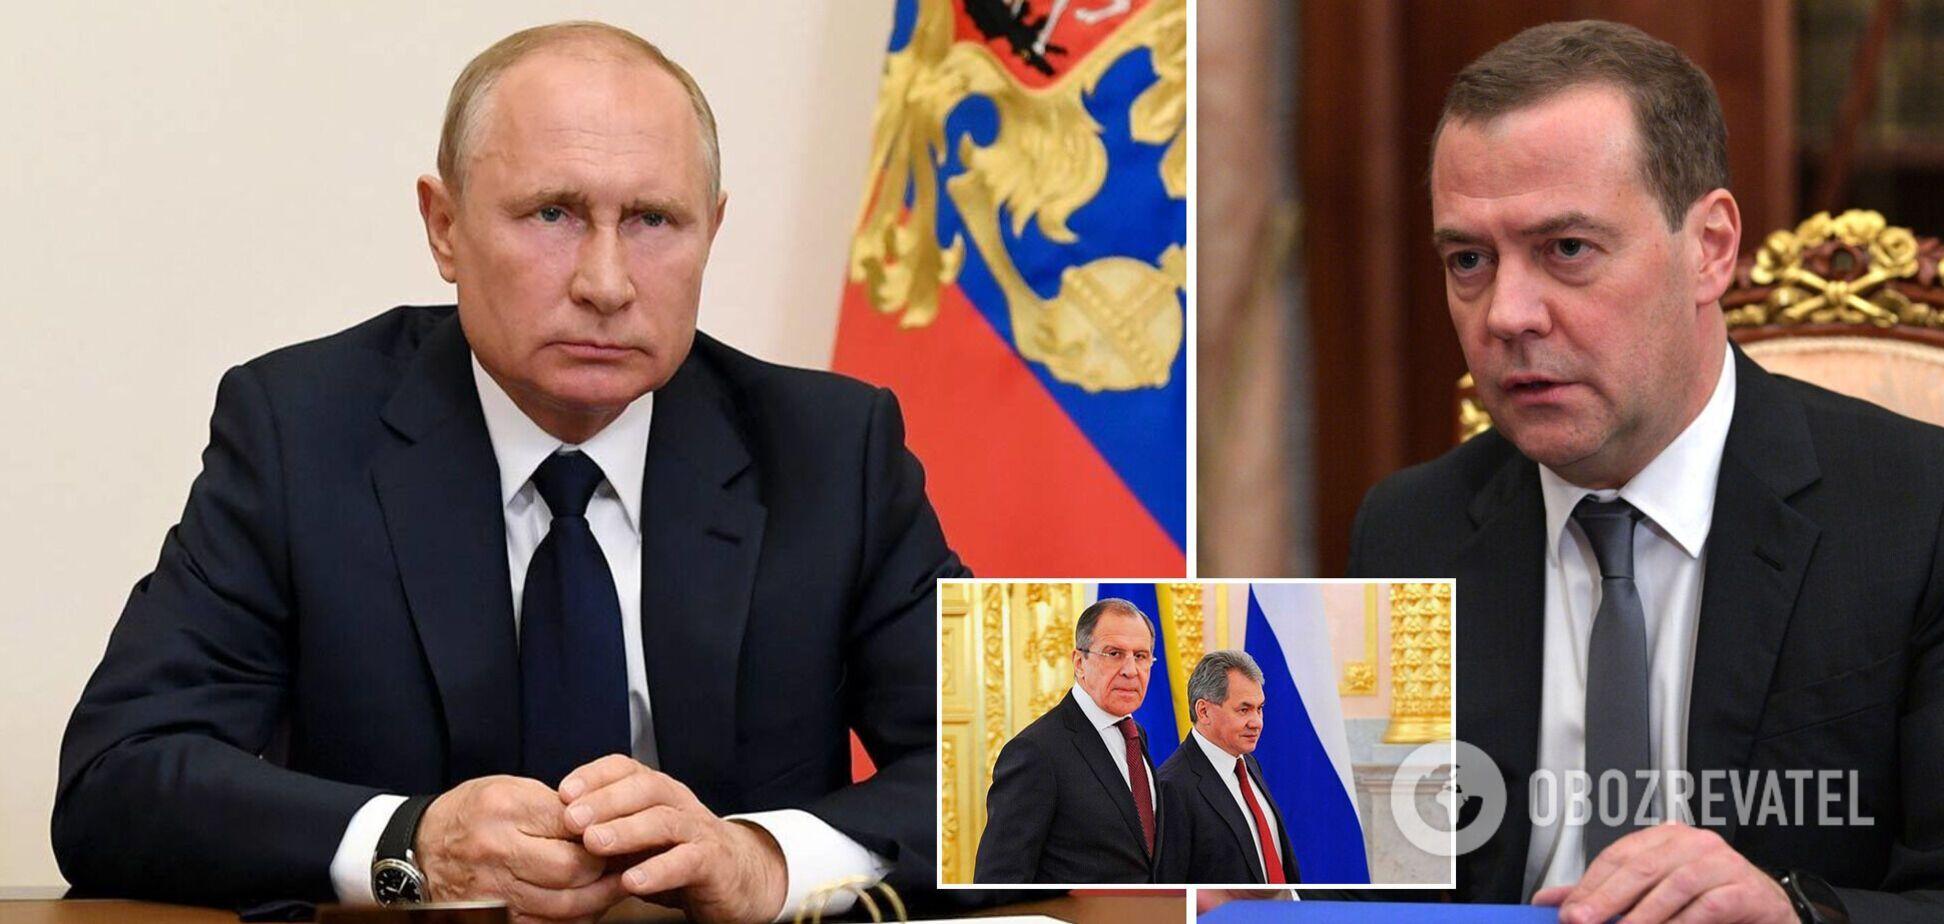 Медведев заболел, Путин на самоизоляции, а Лавров и Шойгу не явились в штаб партии – СМИ